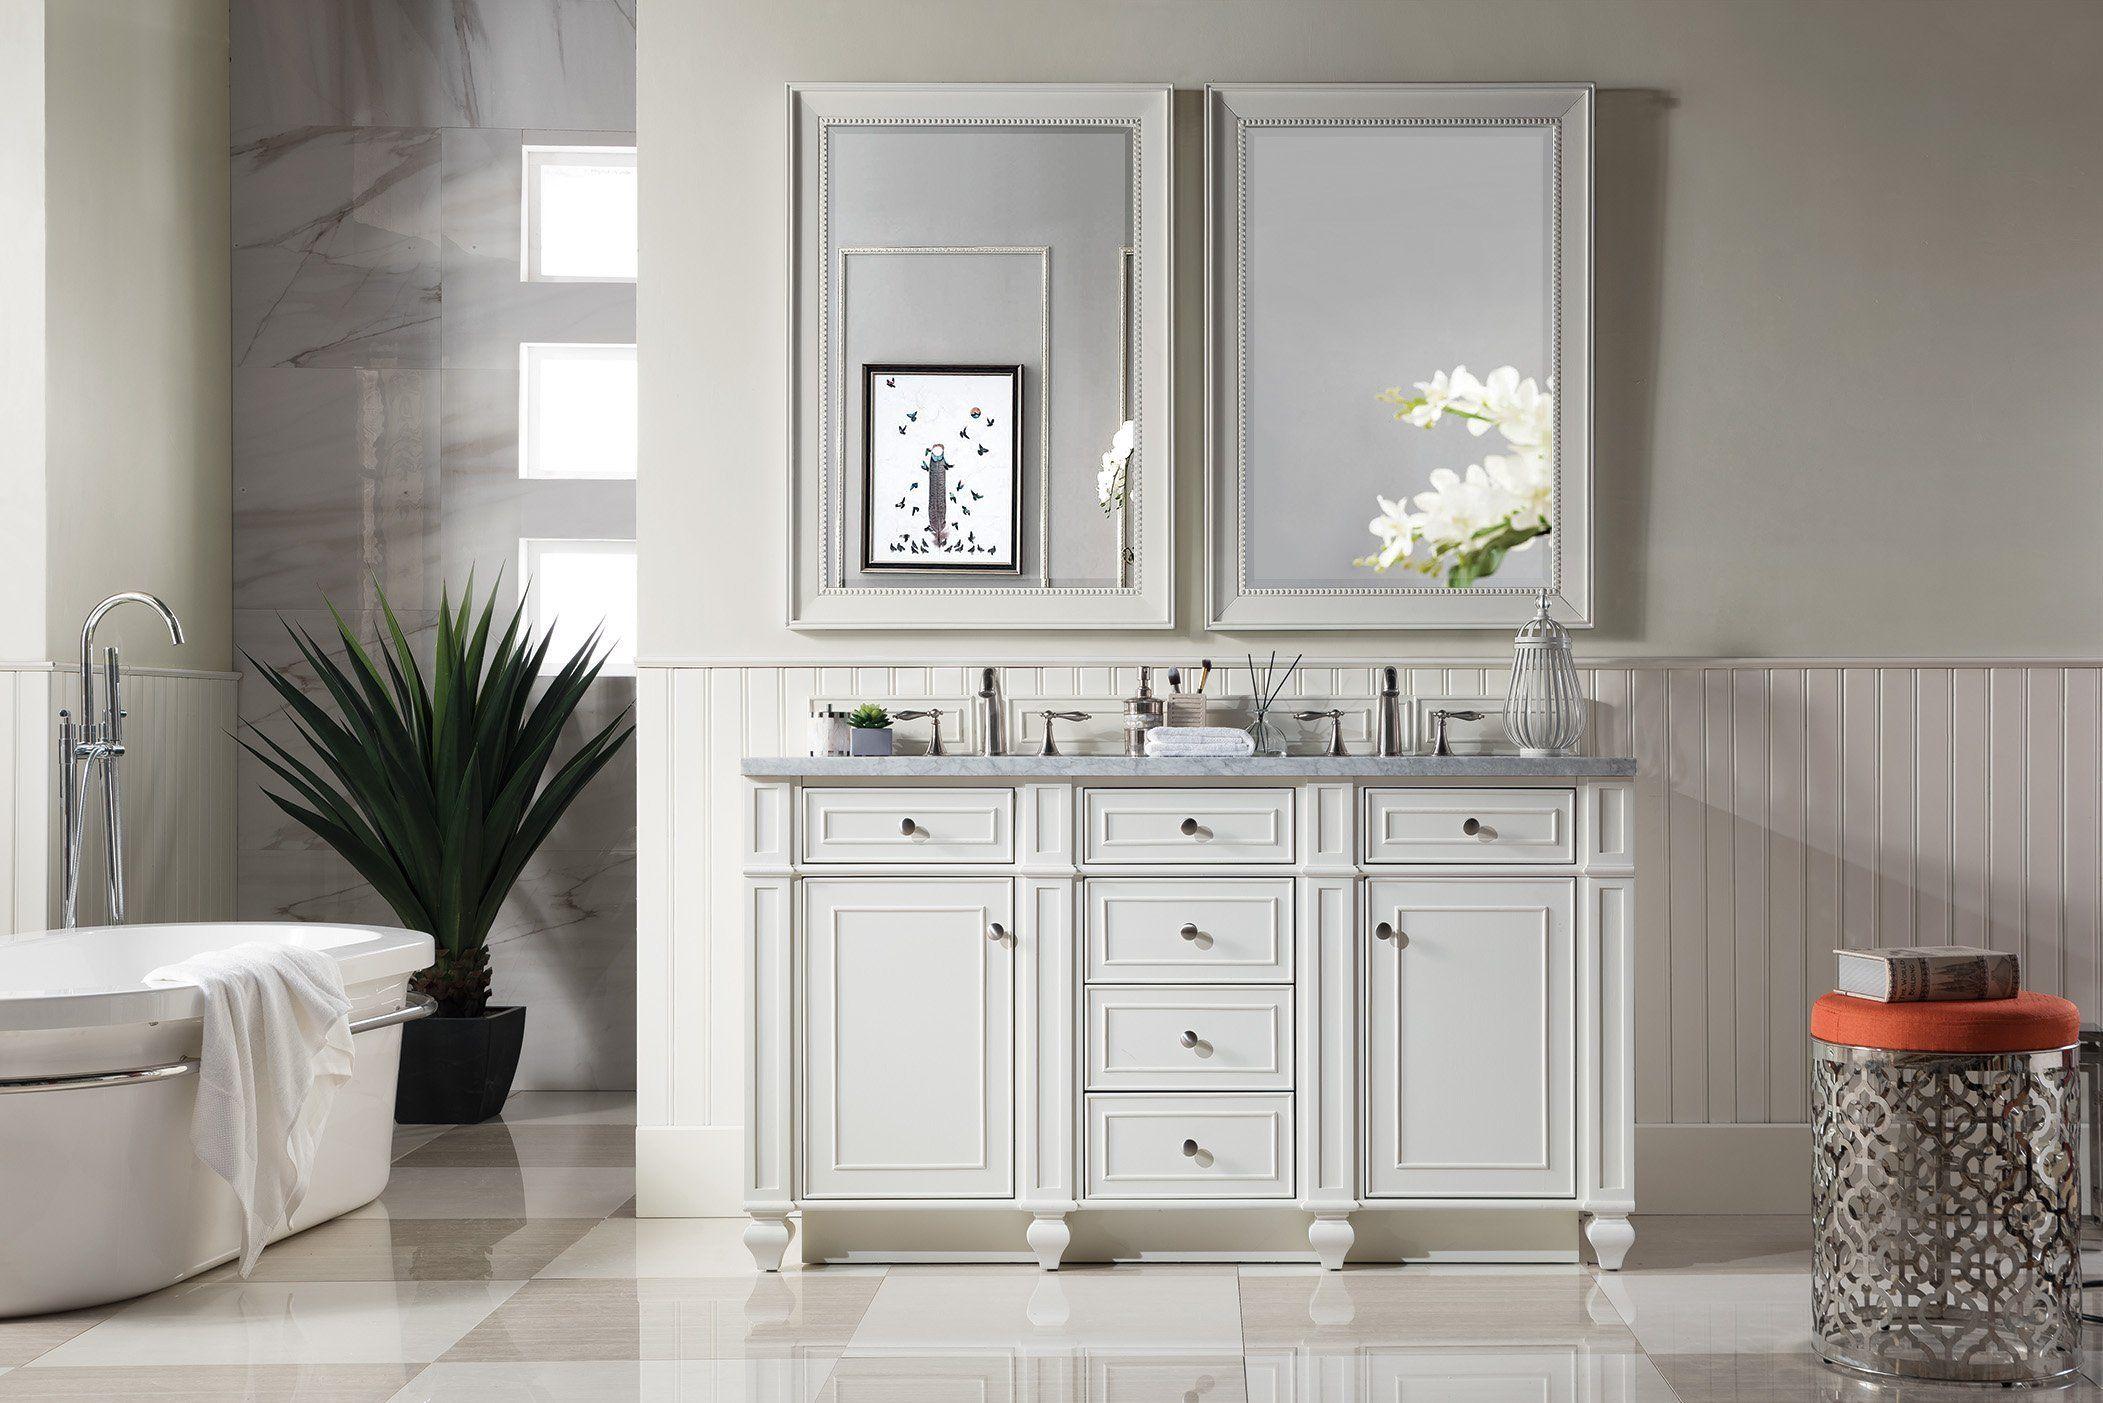 Bristol 60 Double Bathroom Vanity Double Sink Bathroom Vanity Double Bathroom Vanity Small Bathroom Vanities